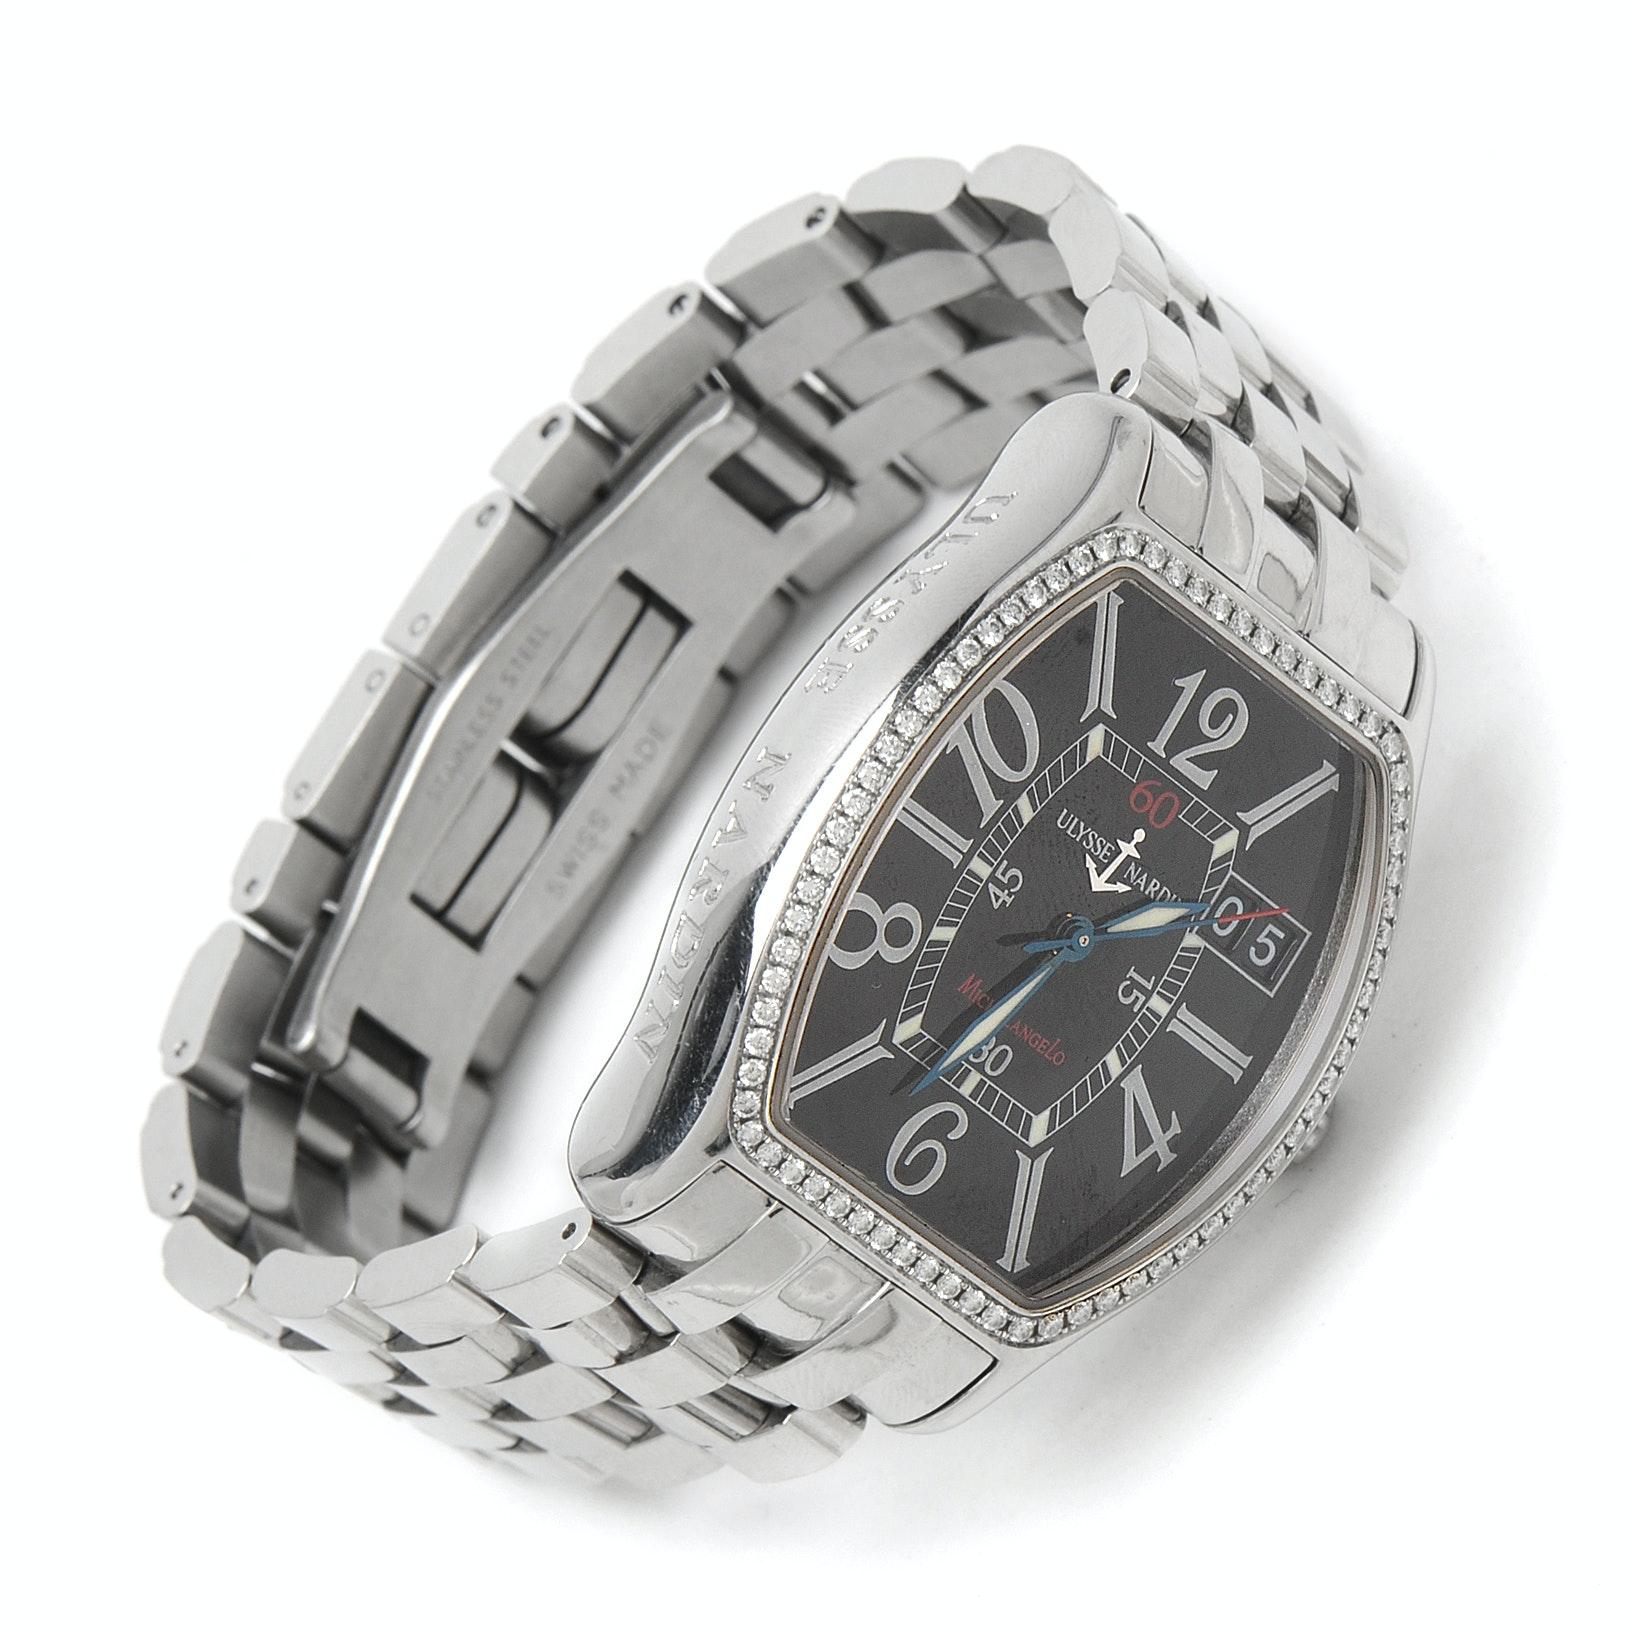 Ulysse Nardin Michelangelo Diamond Bezel Stainless Steel Automatic Wristwatch